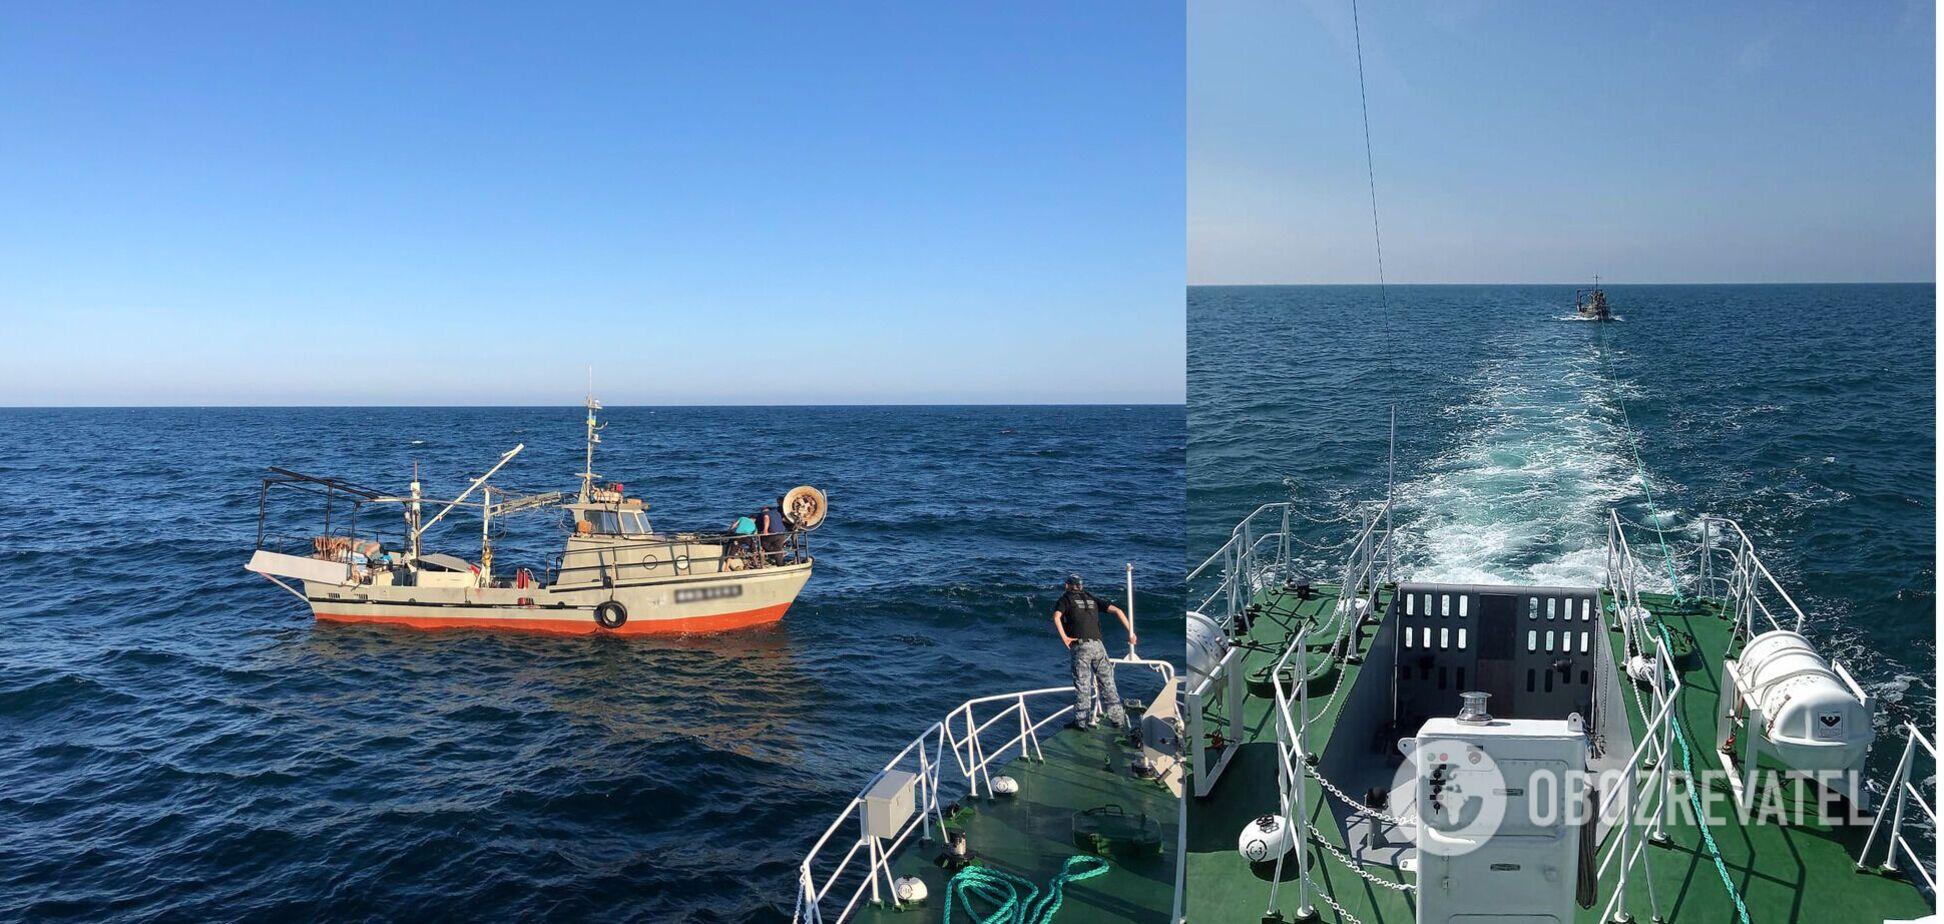 Появились фото спасенных украинских рыбаков в Черном море и правда о 'помощи' Москвы